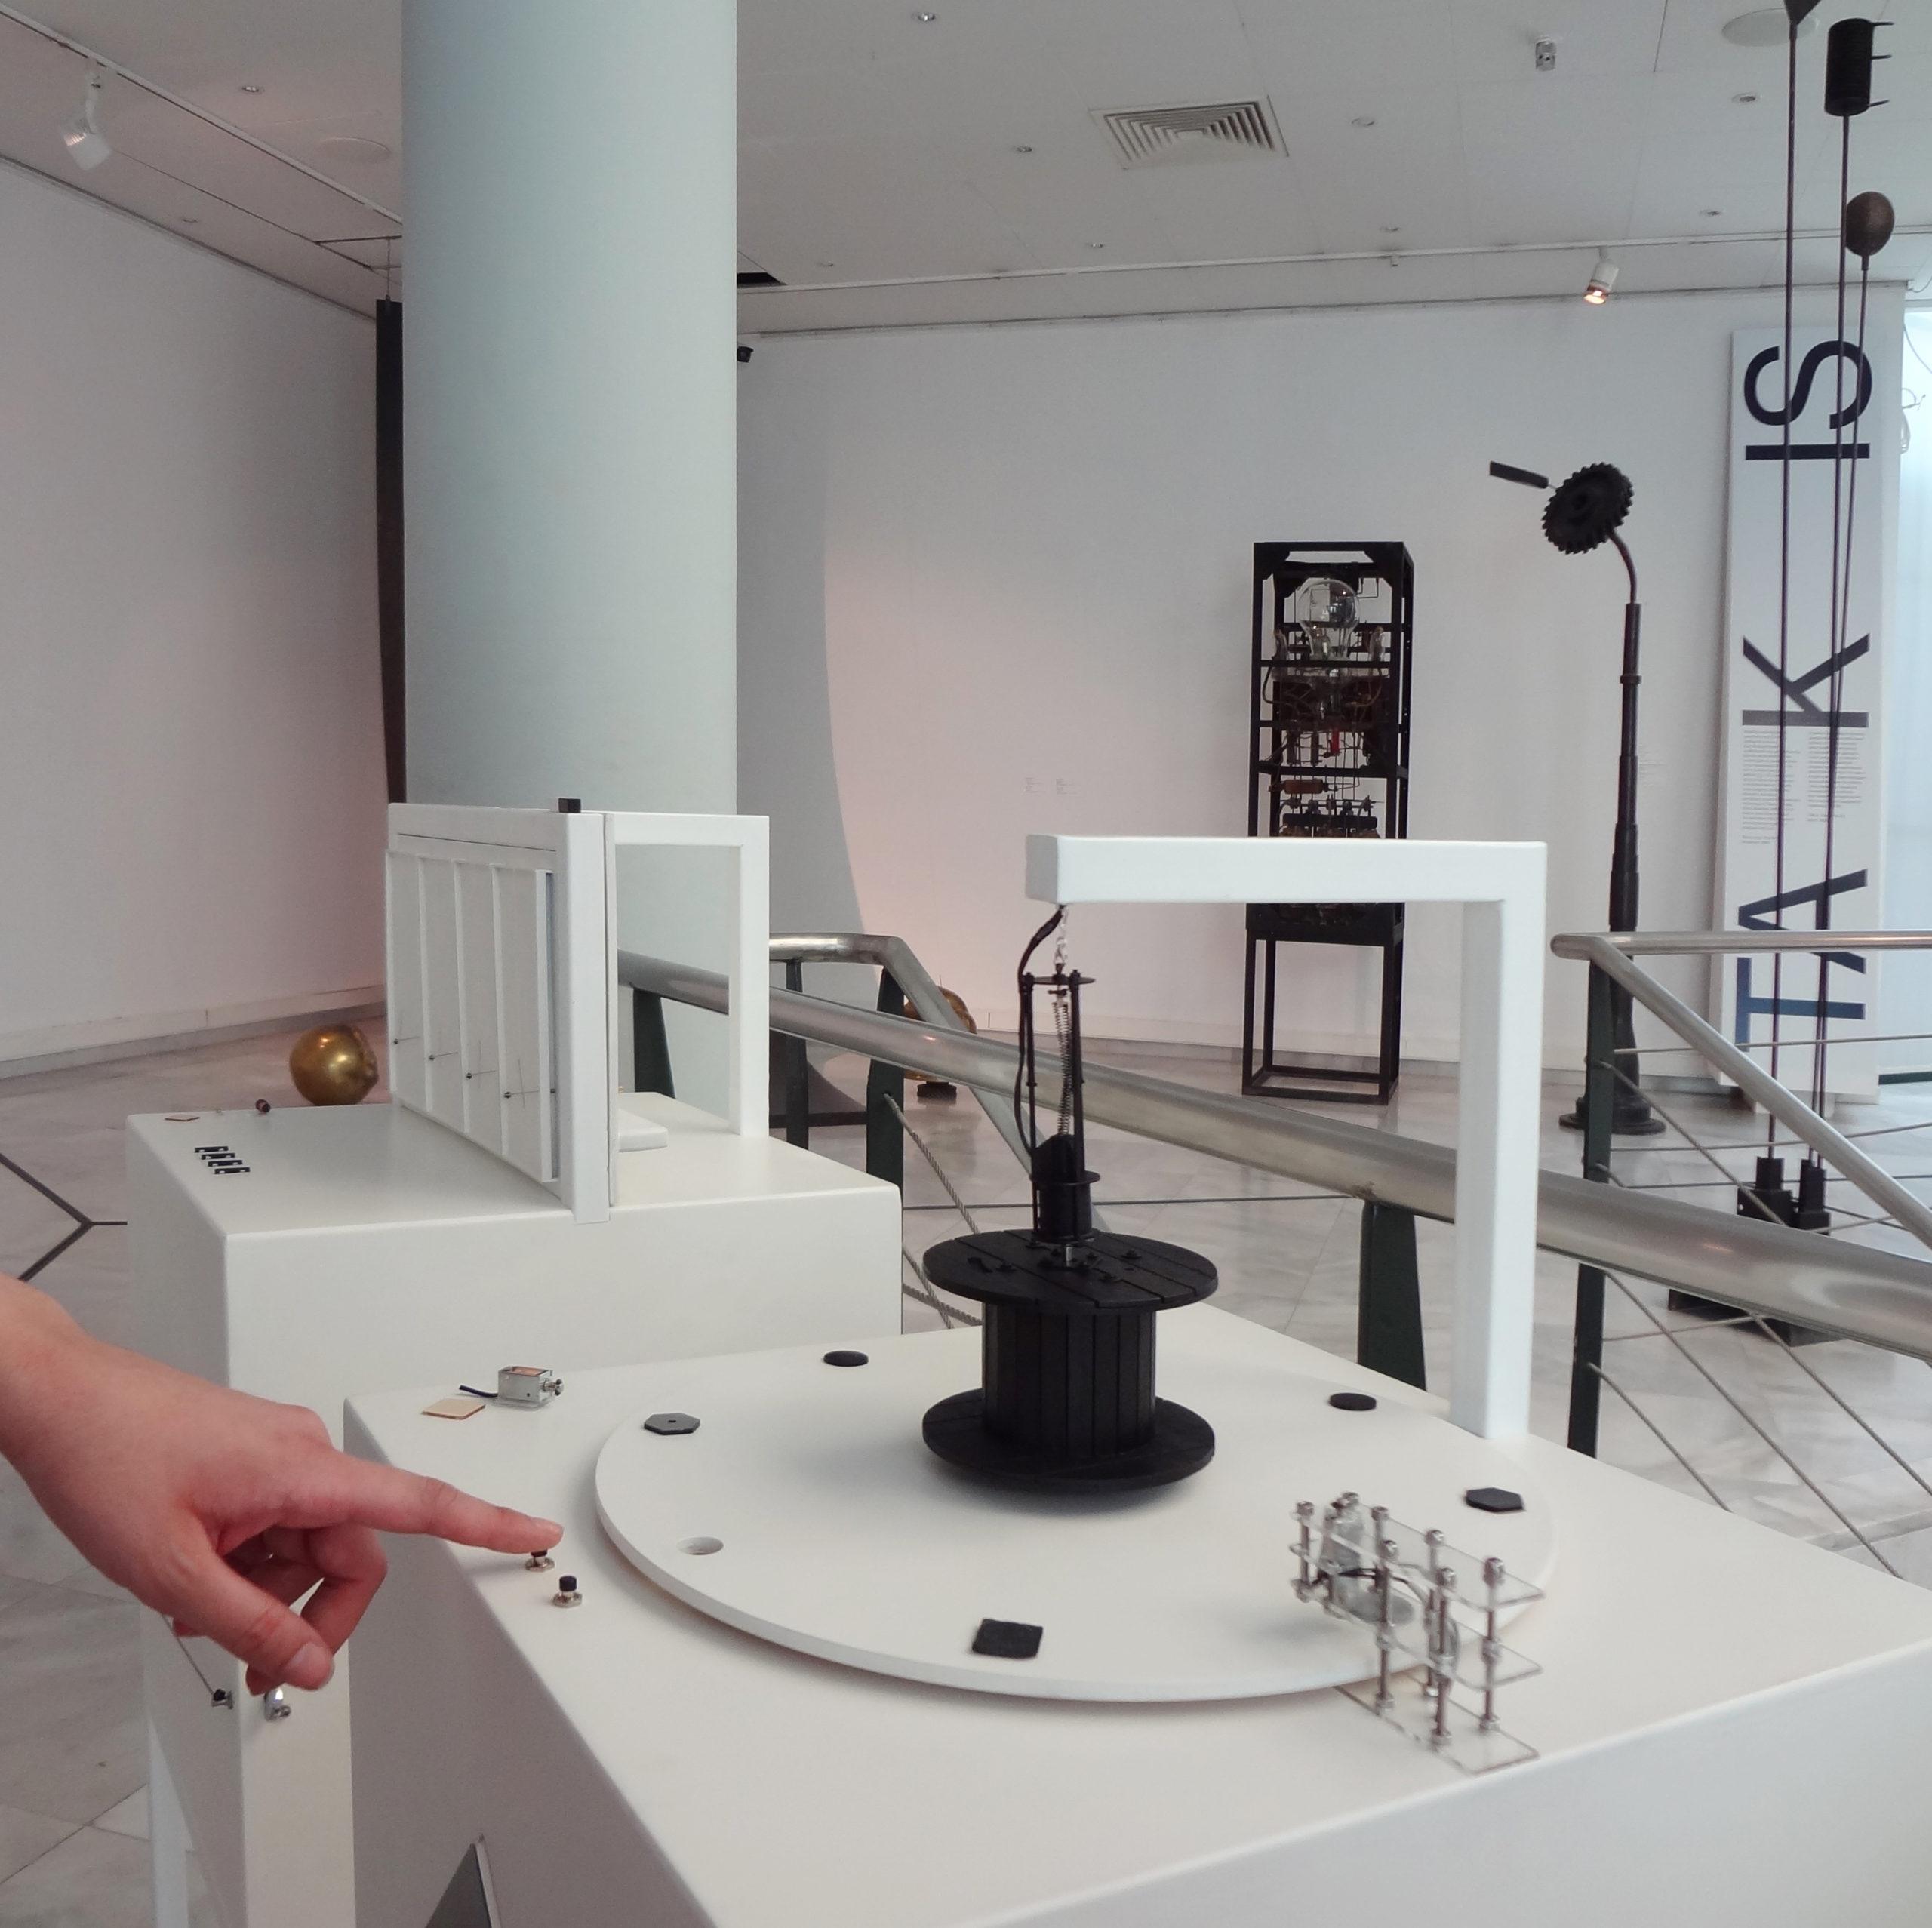 Στην εικόνα εμφανίζεται ένα χέρι που αγγίζει ένα διακόπτη που ενεργοποιεί τον ηλεκτρομαγνήτη του απτικού βοηθήματος του έργου τέχνης. Στην εικόνα επίσης διακρίνονται τα στοιχεία της άνω πλευράς του κουτιού, δηλαδή ο περιστρεφόμενος δίσκος με τα υλικά, το απτικό βοήθημα στο κέντρο του και ένας ηλεκτρομαγνήτης στη δεξιά πλευρά του δίσκου. Στο πίσω μέρος της εικόνας διακρίνονται άλλα έργα του καλλιτέχνη και μια μεγάλη επιγραφή με το όνομά του.